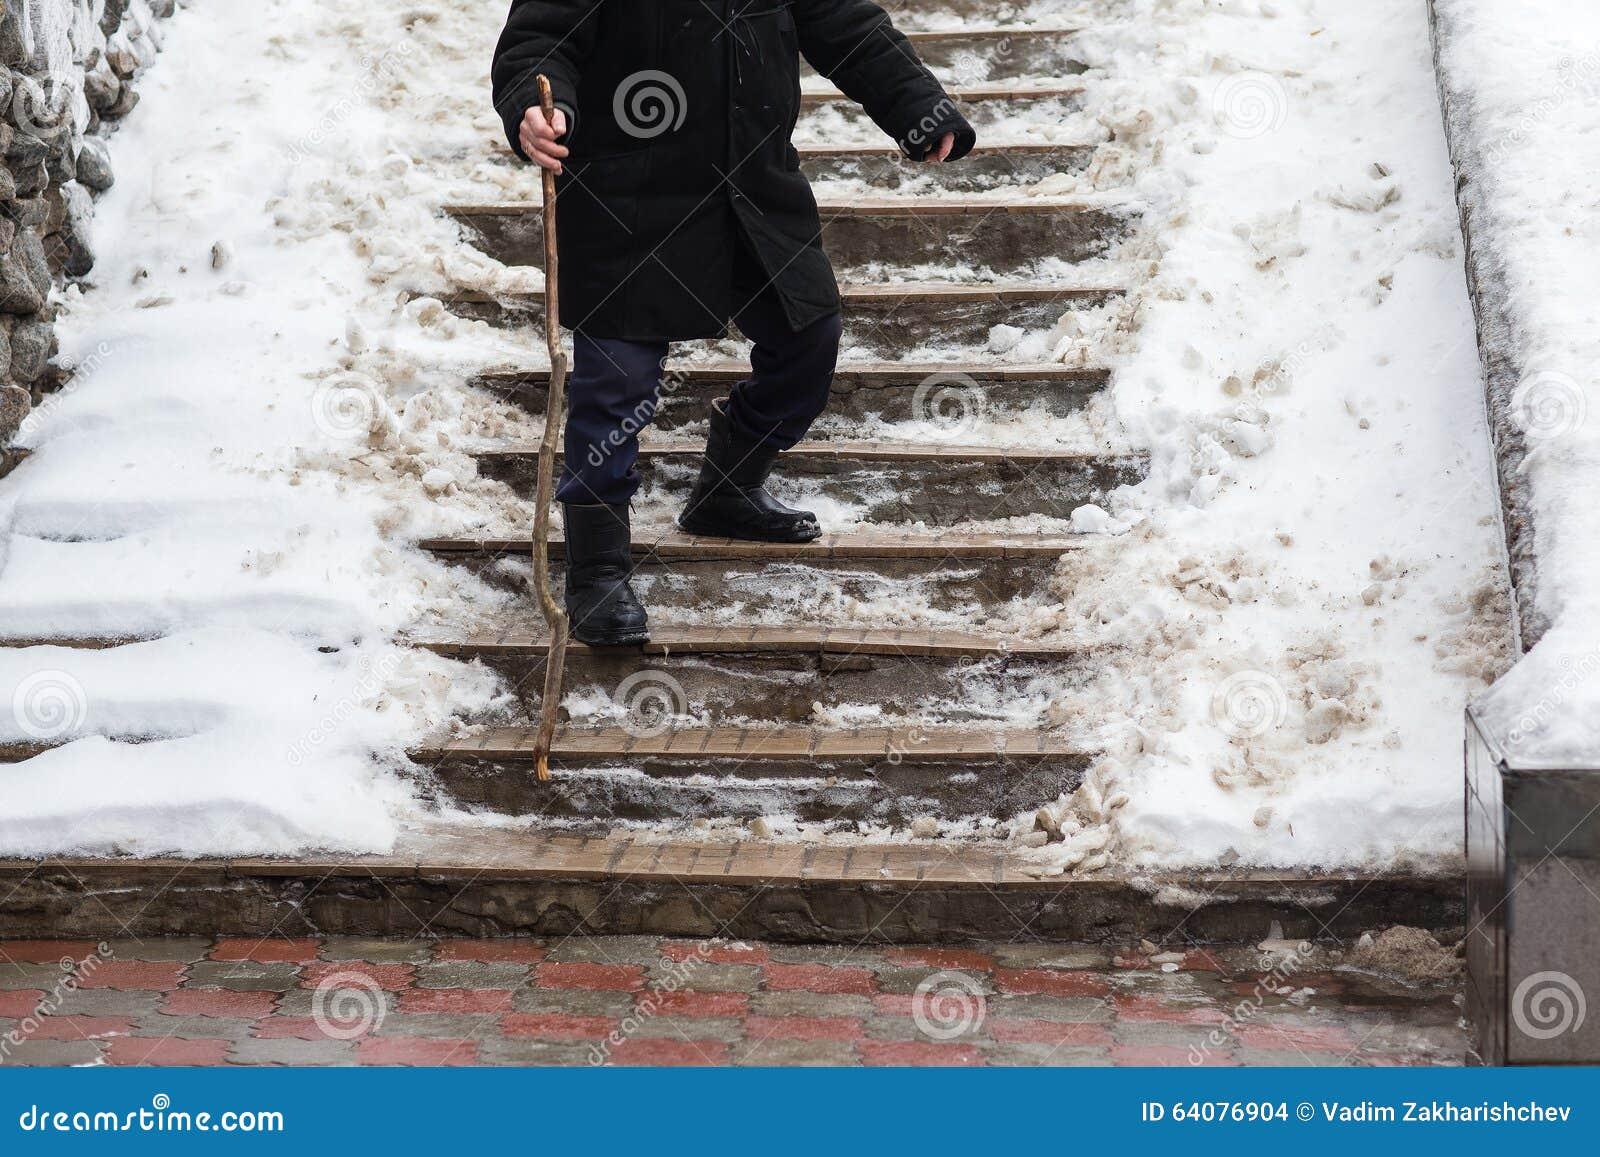 Gamala mannen ner trappan som är hal i vinter